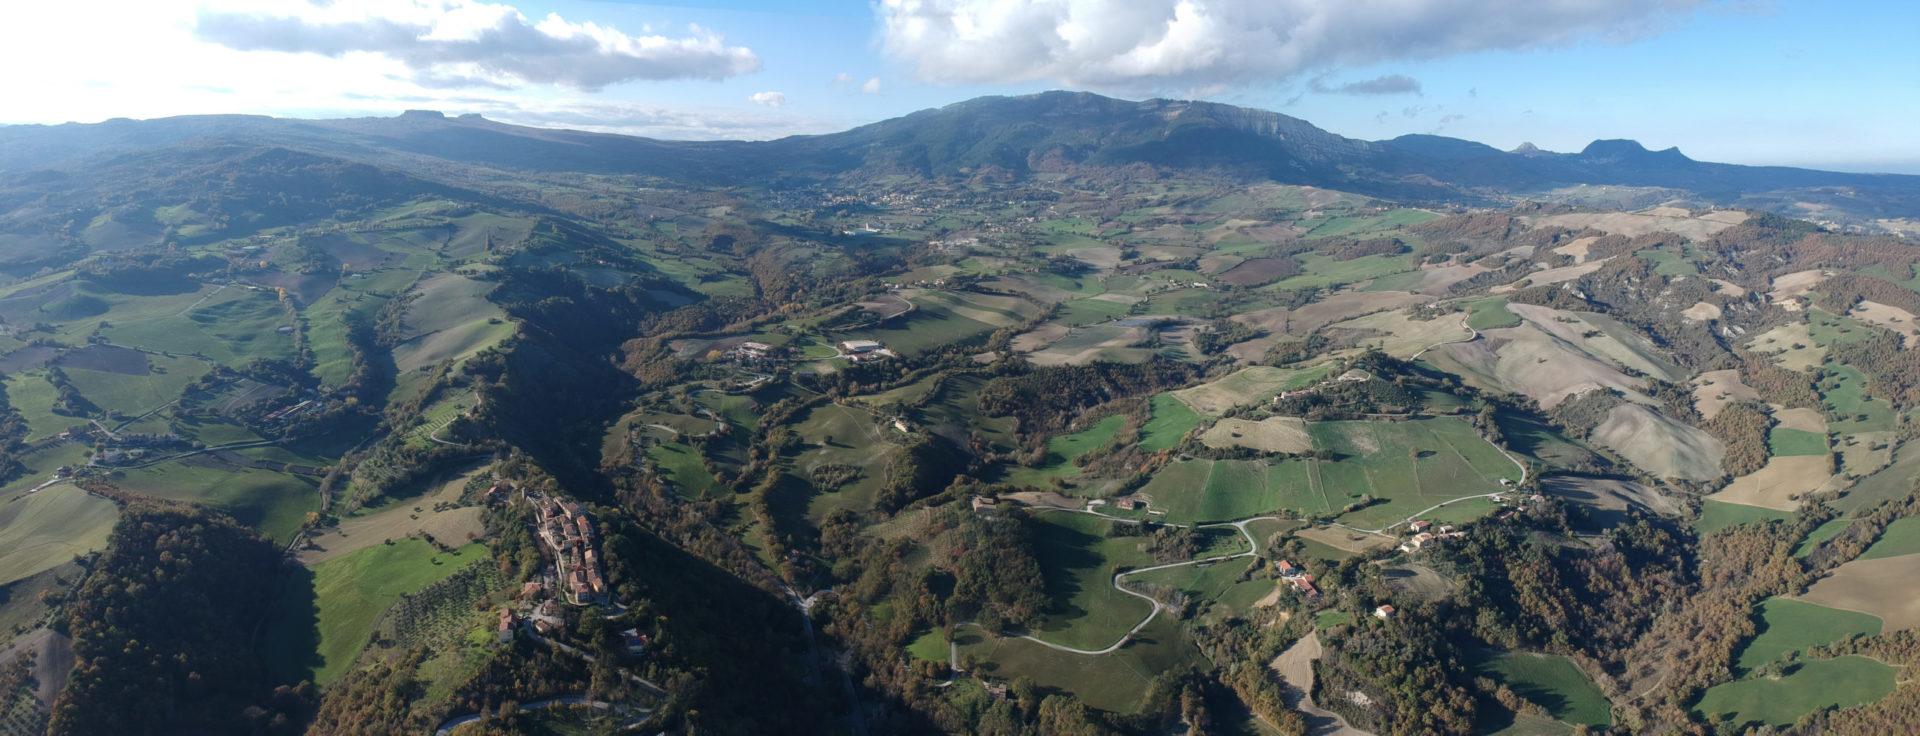 drone alto montefeltro